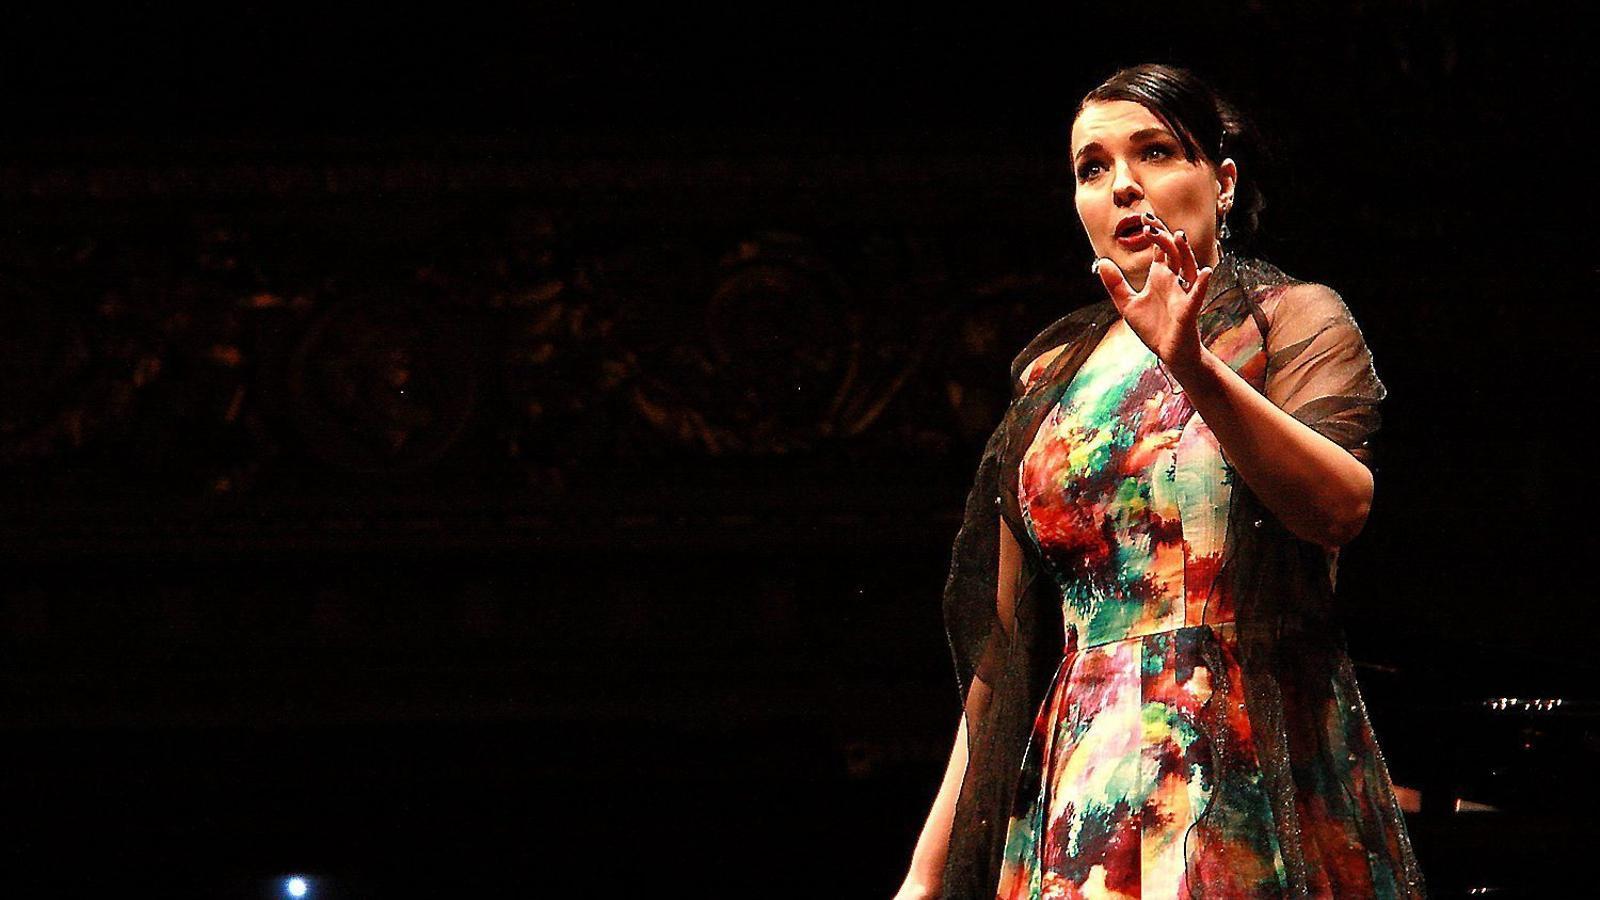 511 cantants en el Concurs Viñas més internacional